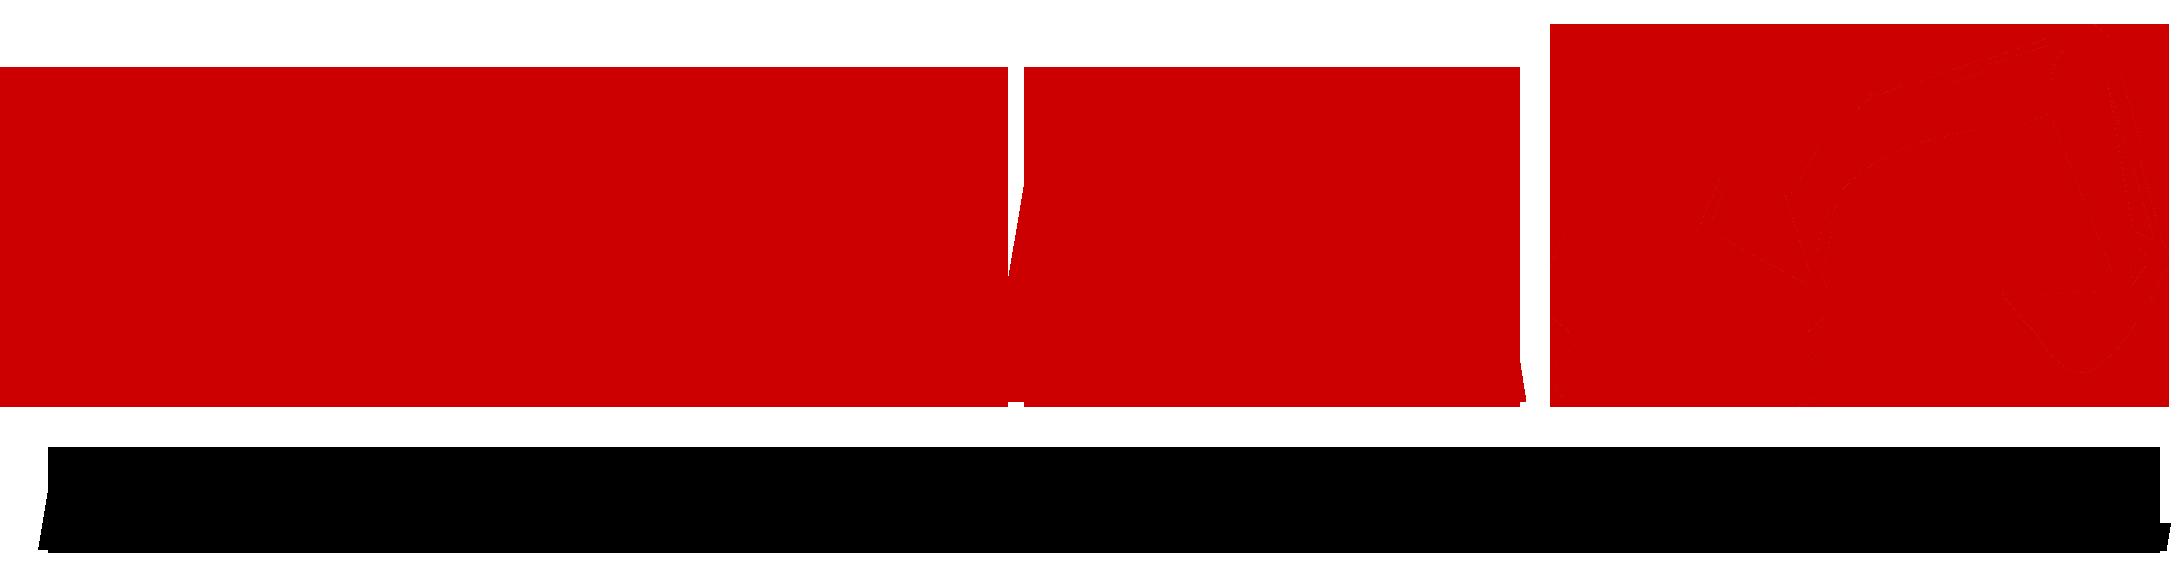 Sierra Excavating Enterprises Inc.